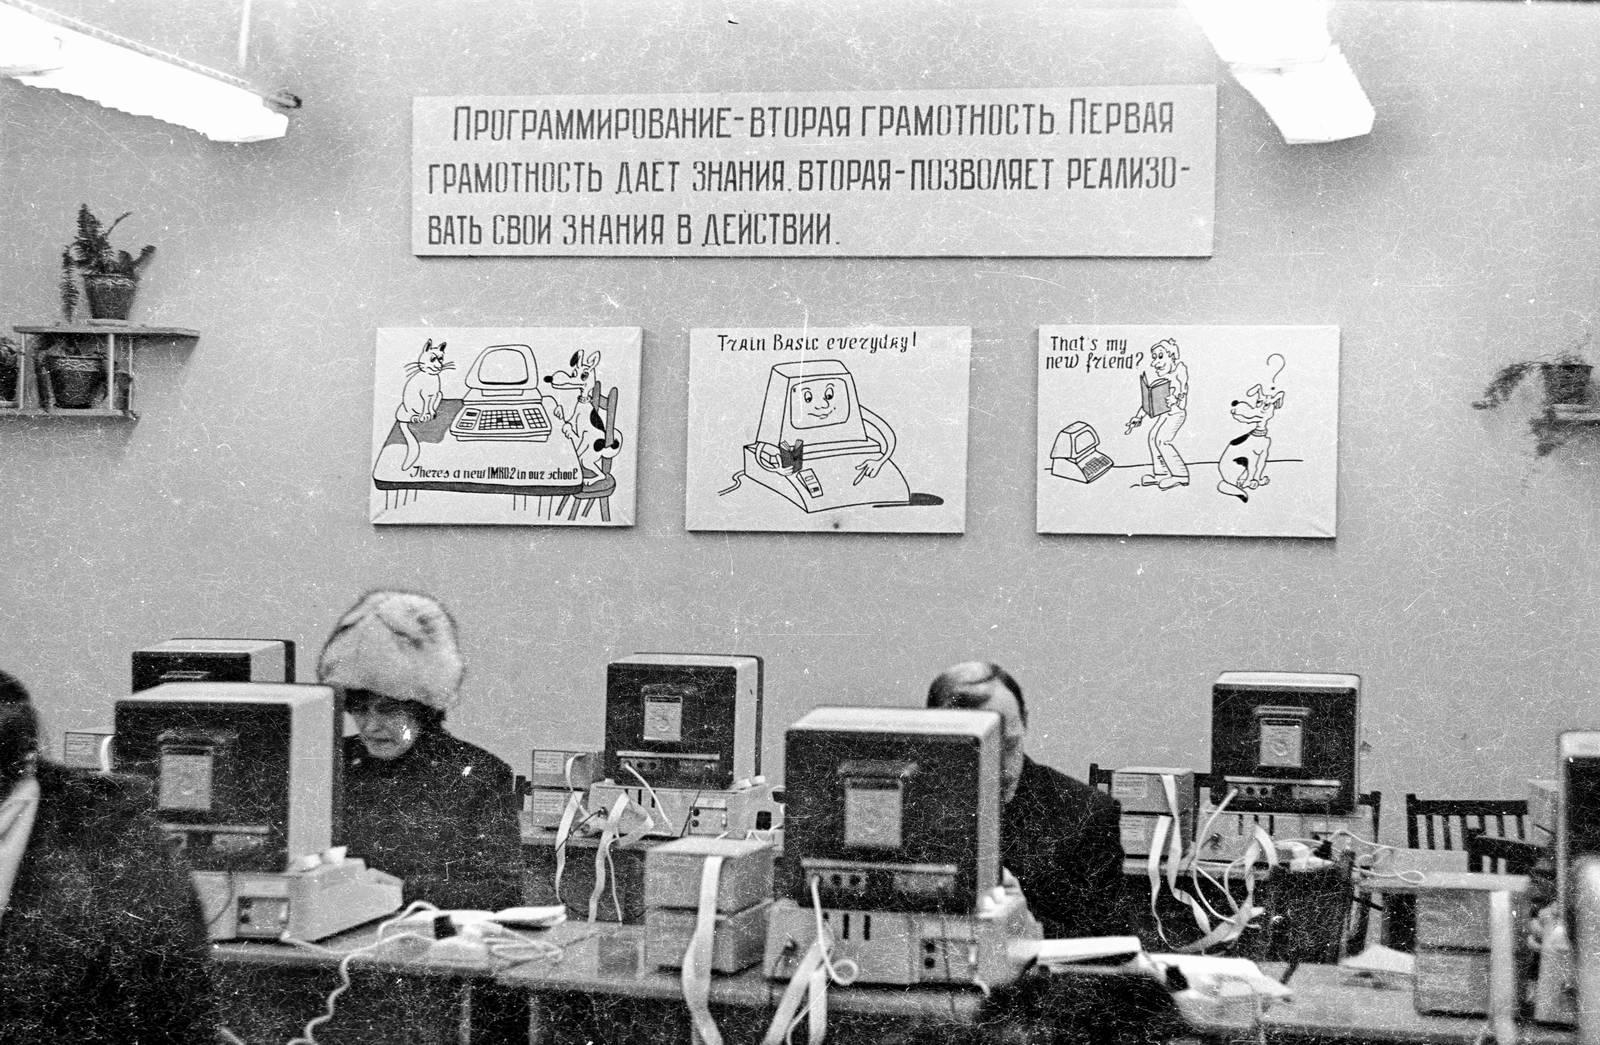 Компьютеры в СССР.